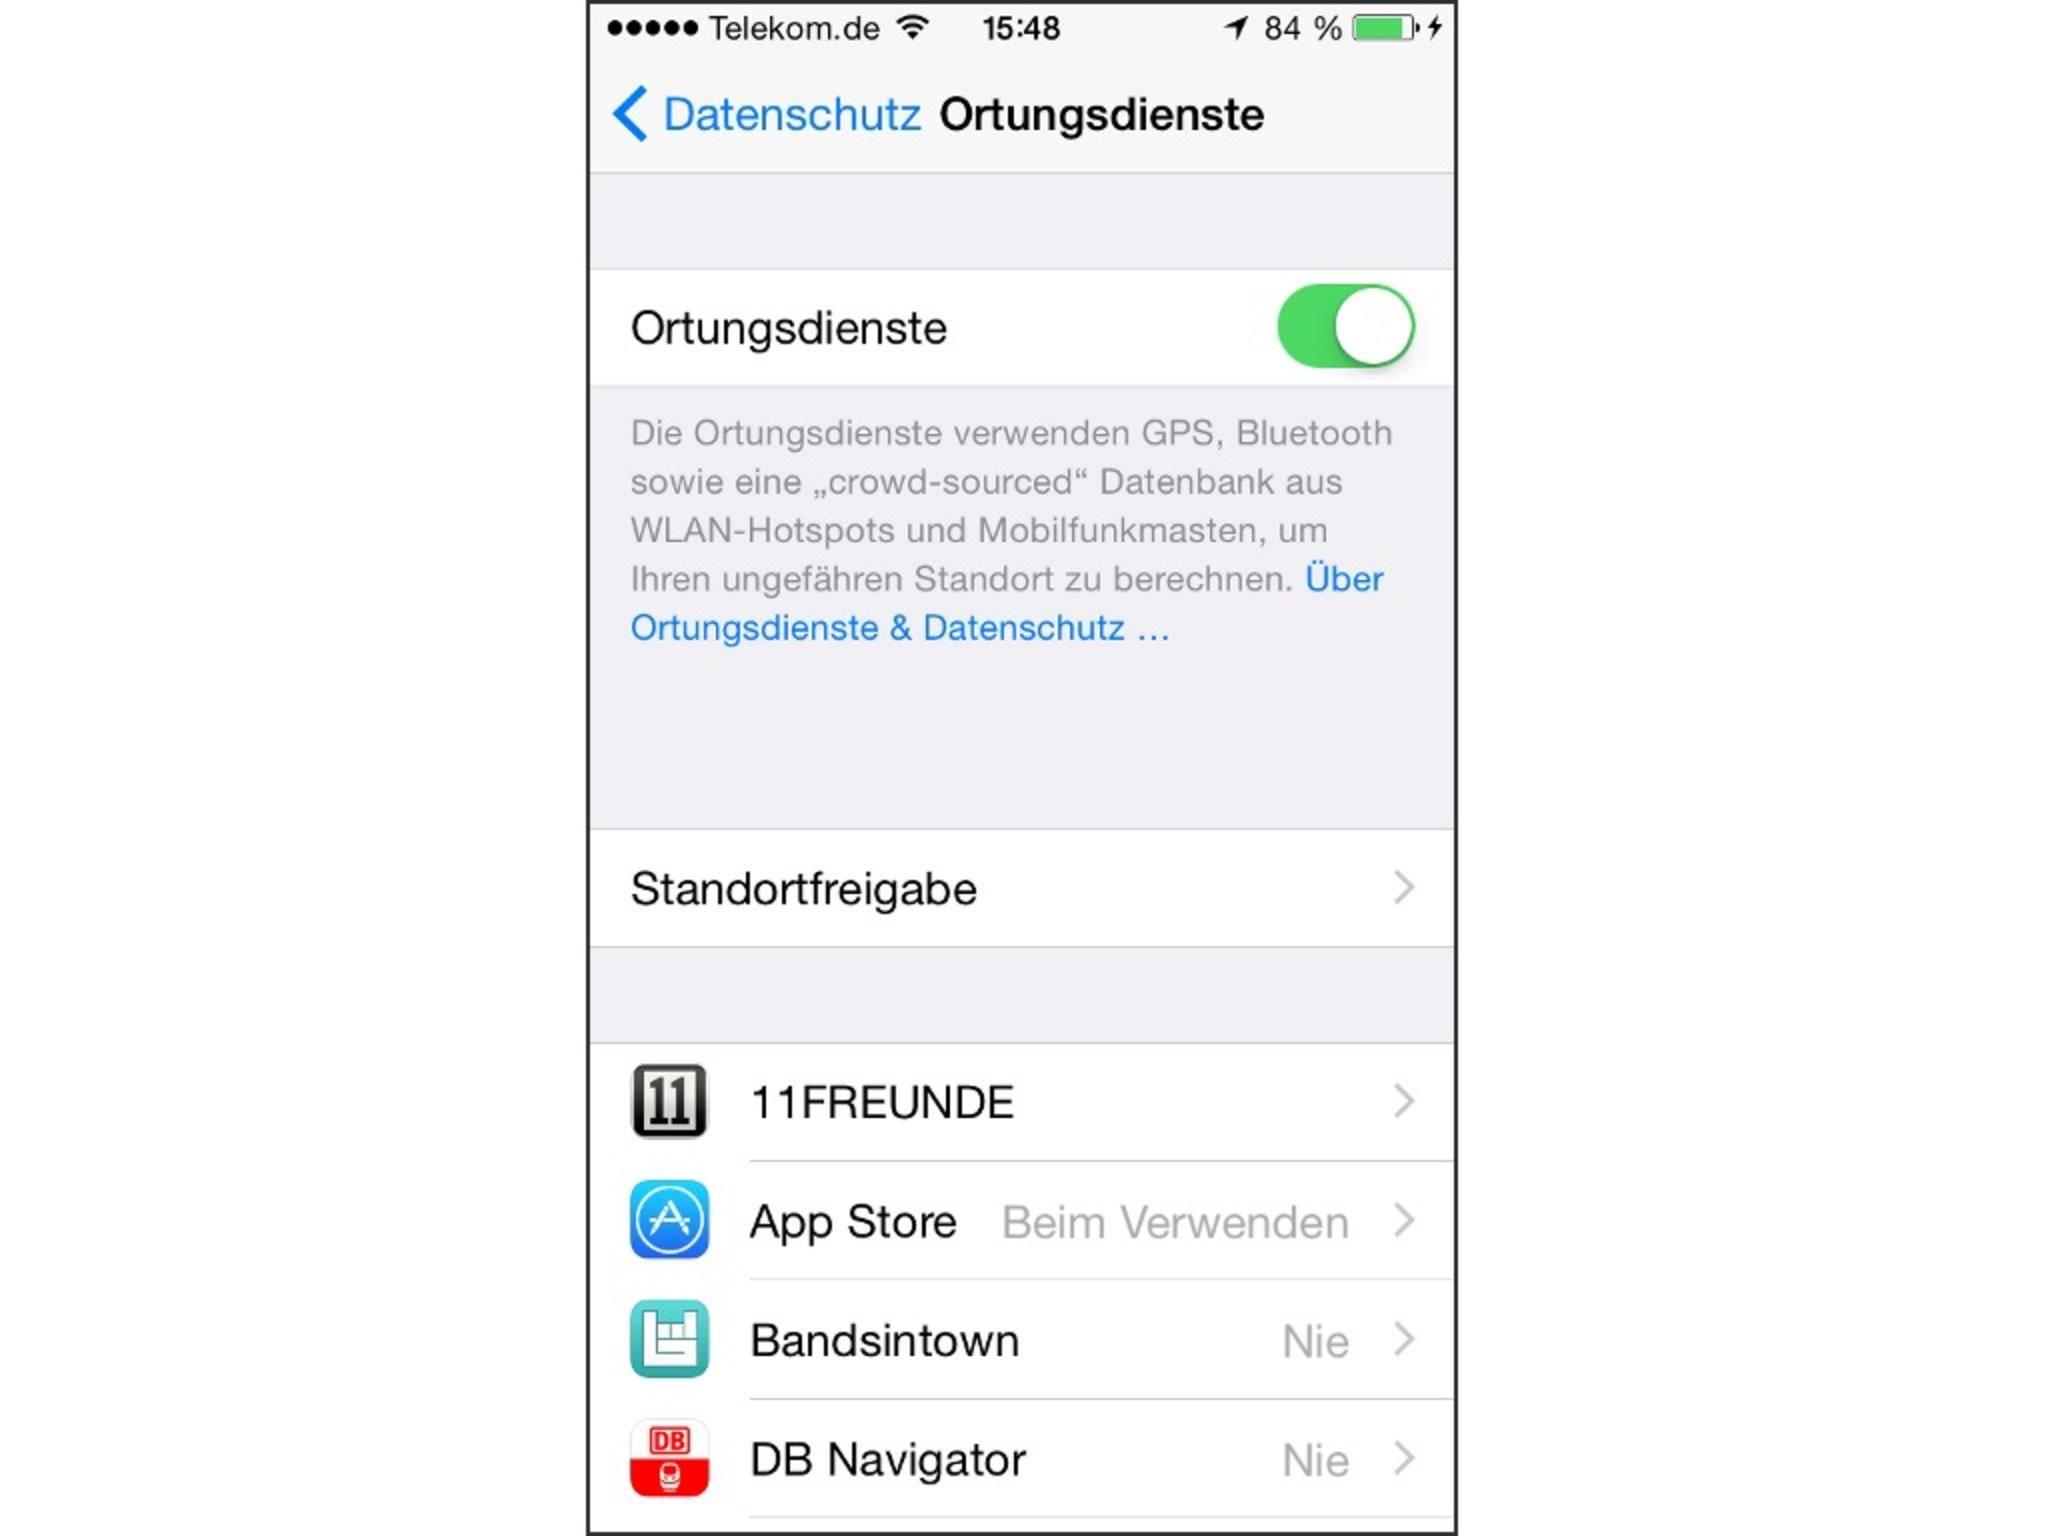 Ortungsdienste für Apps wie Google Maps oder Facebook beanspruchen das iPad.